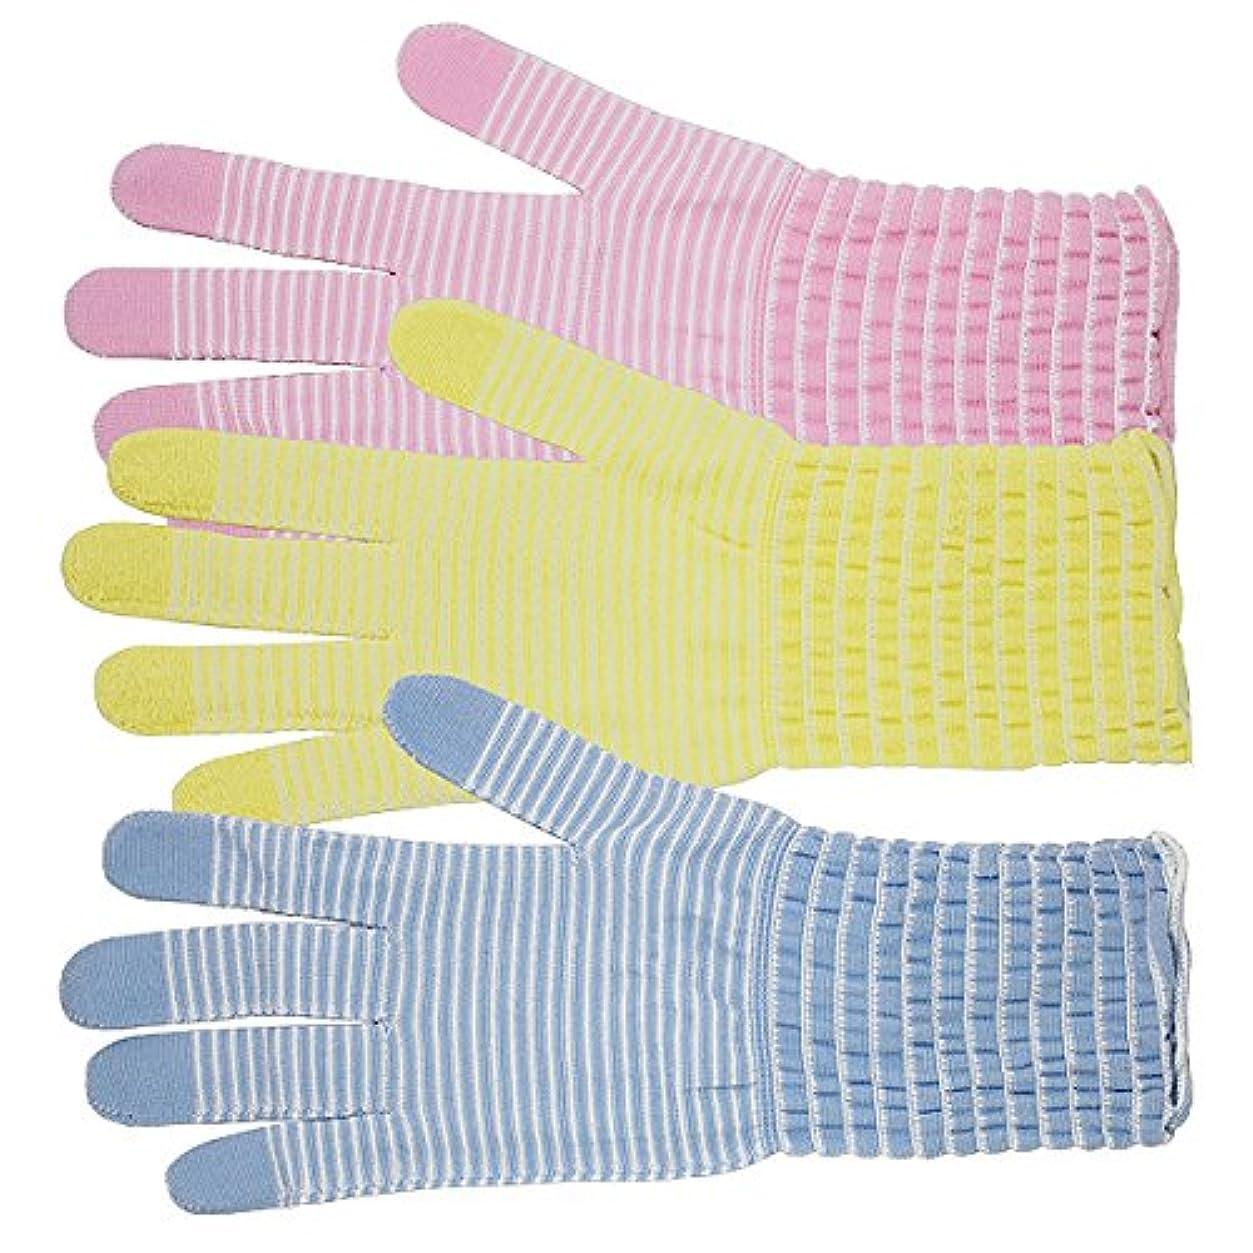 同僚文明化するブランデーコラーゲン手袋 モイストコート003 ソーダ